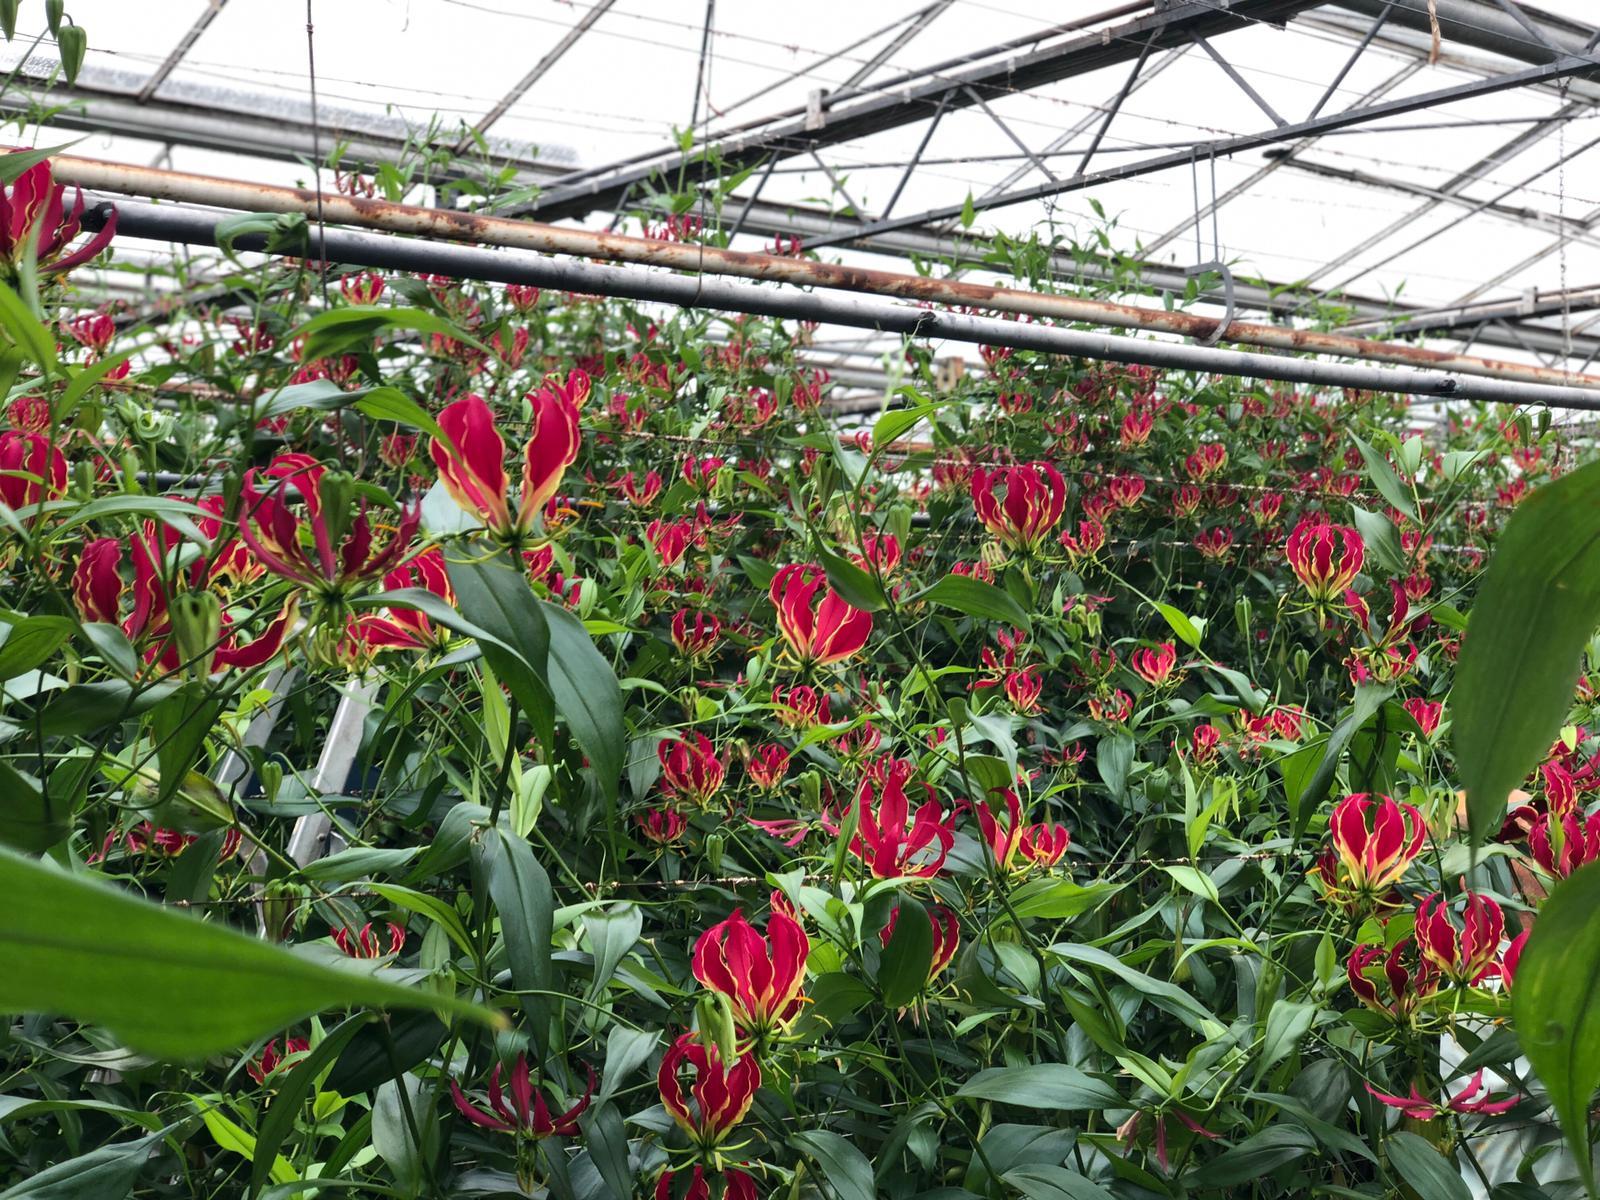 Op bezoek bij een Gloriosa kwekerij waar de Gloriosa volop in bloeistaat.